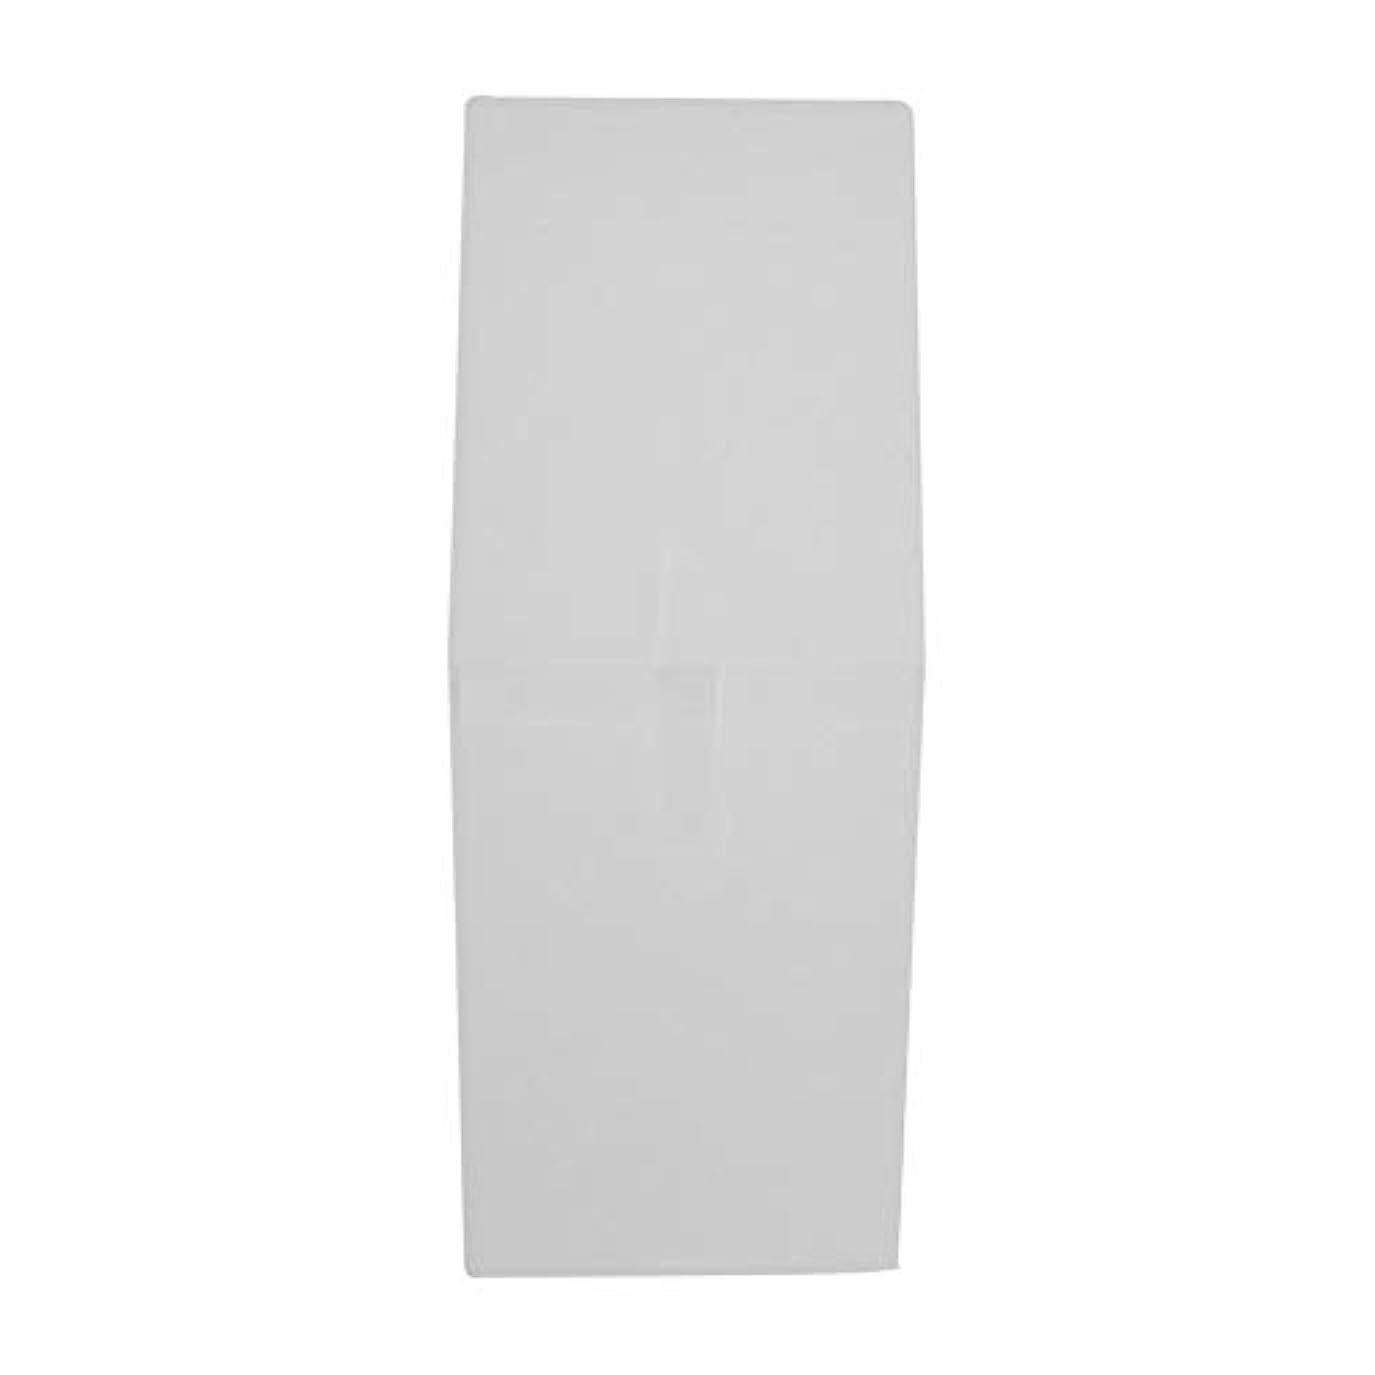 霧深い電卓エゴマニアマニキュアペンホルダーダストブラシネイルアートツール収納ボックスオーガナイザー